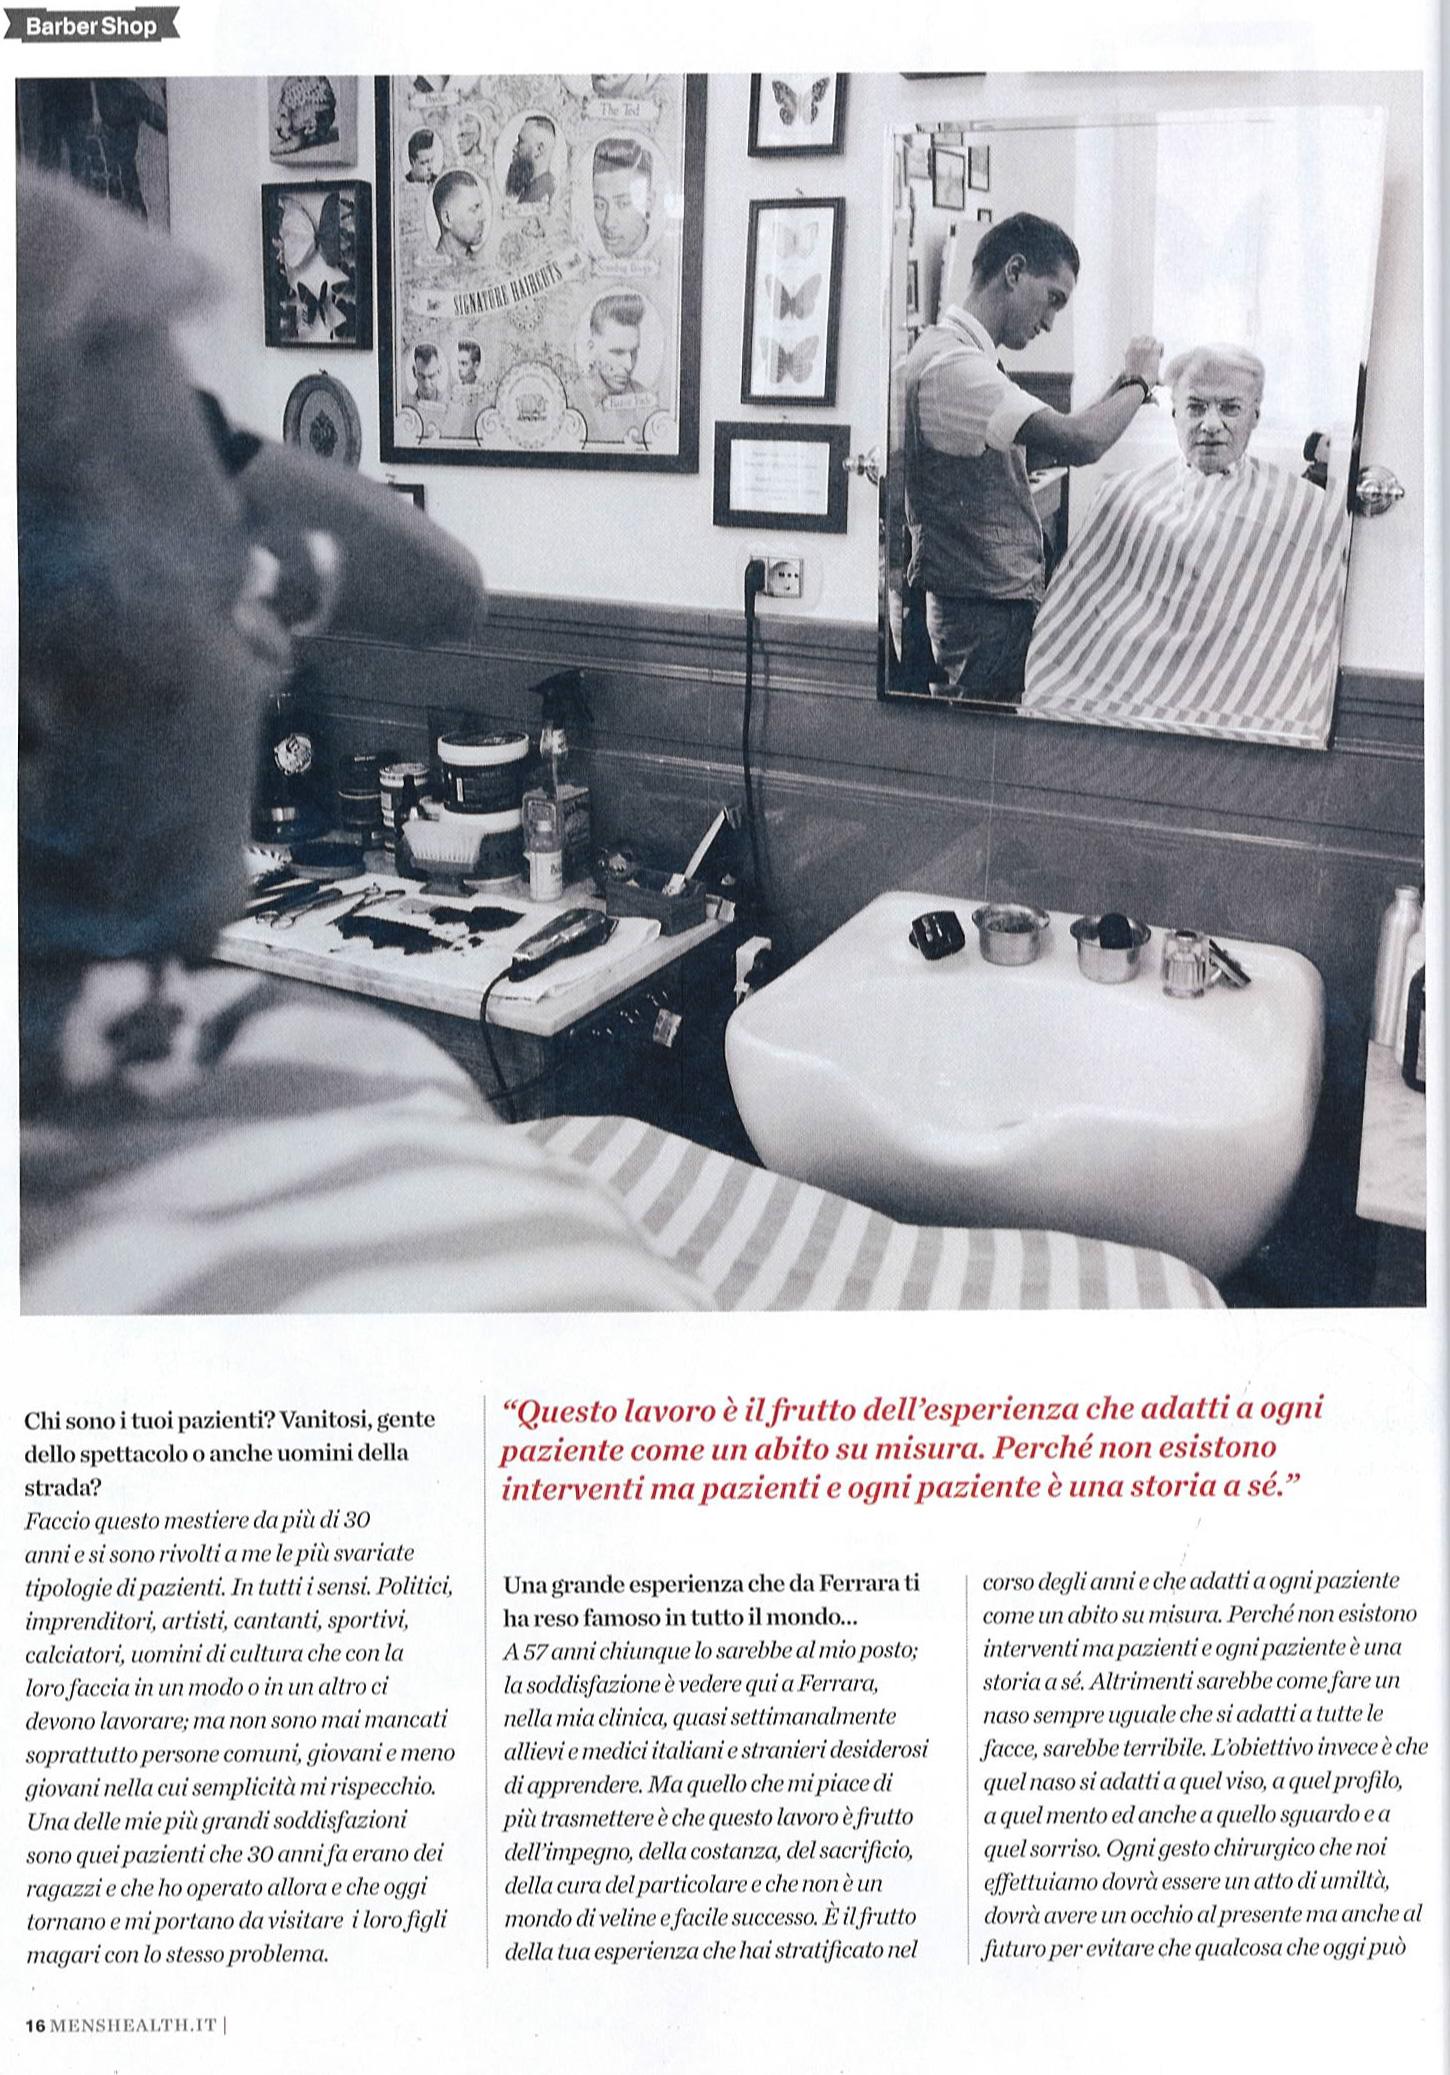 Piero Rosati: il mago dei capelli, l'uomo dei sogni - Men's Health articolo 3